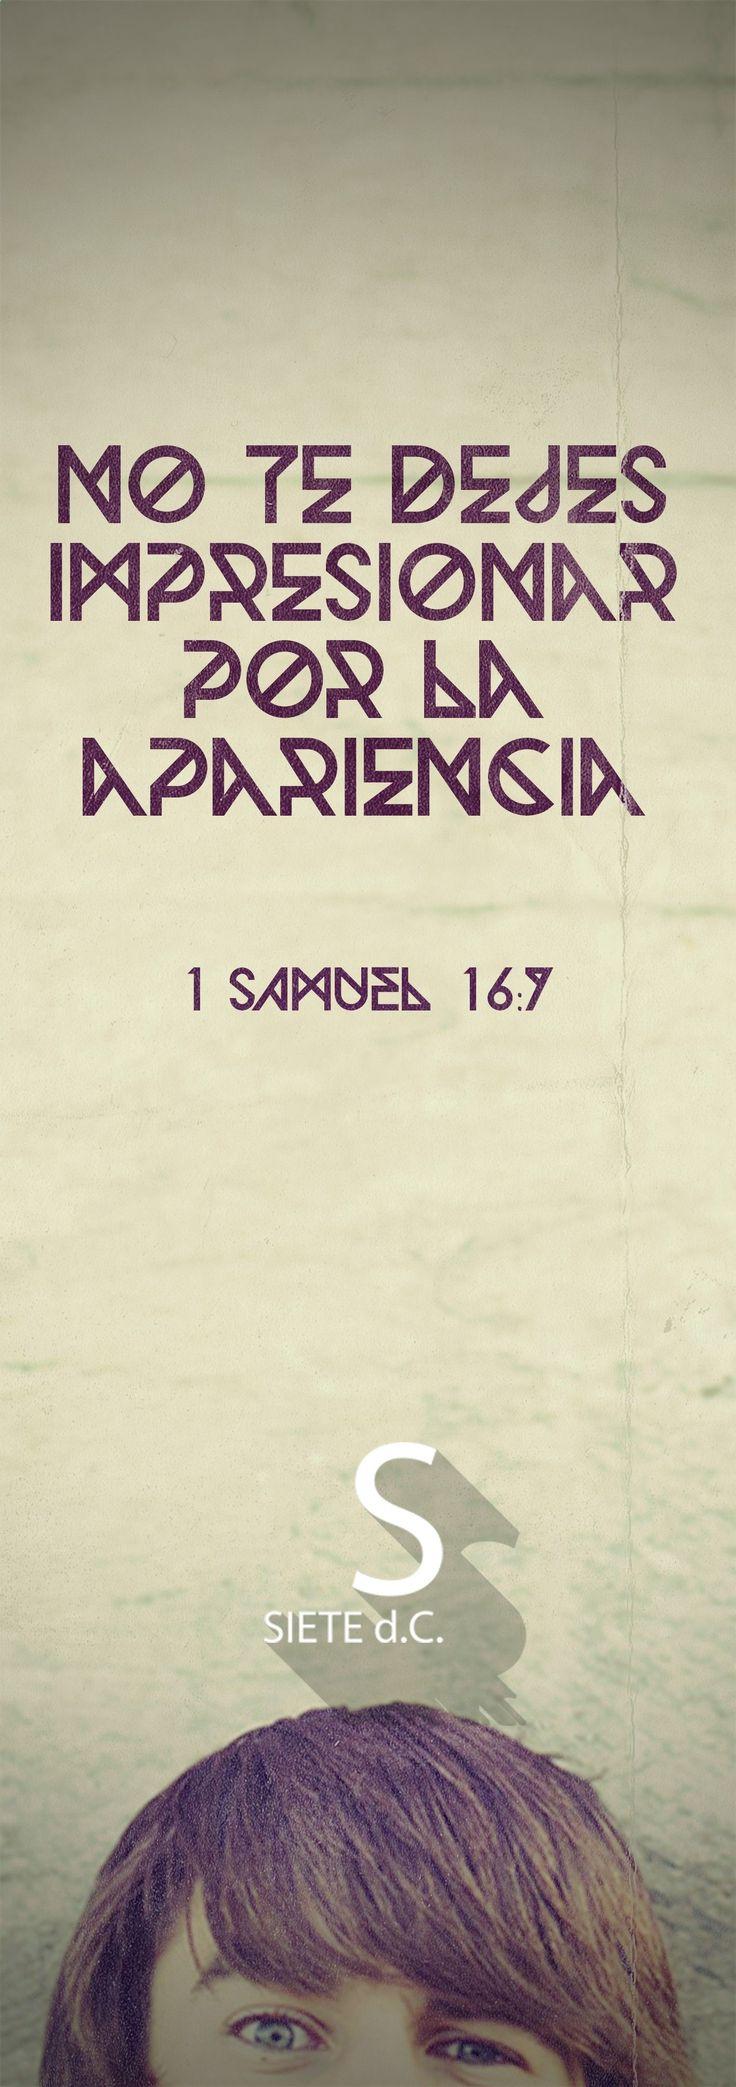 1 Samuel 16:7 Nueva Versión Internacional Pero el Señor le dijo a Samuel: —No te dejes impresionar por su apariencia ni por su estatura, pues yo lo he rechazado. La gente se fija en las apariencias, pero yo me fijo en el corazón.